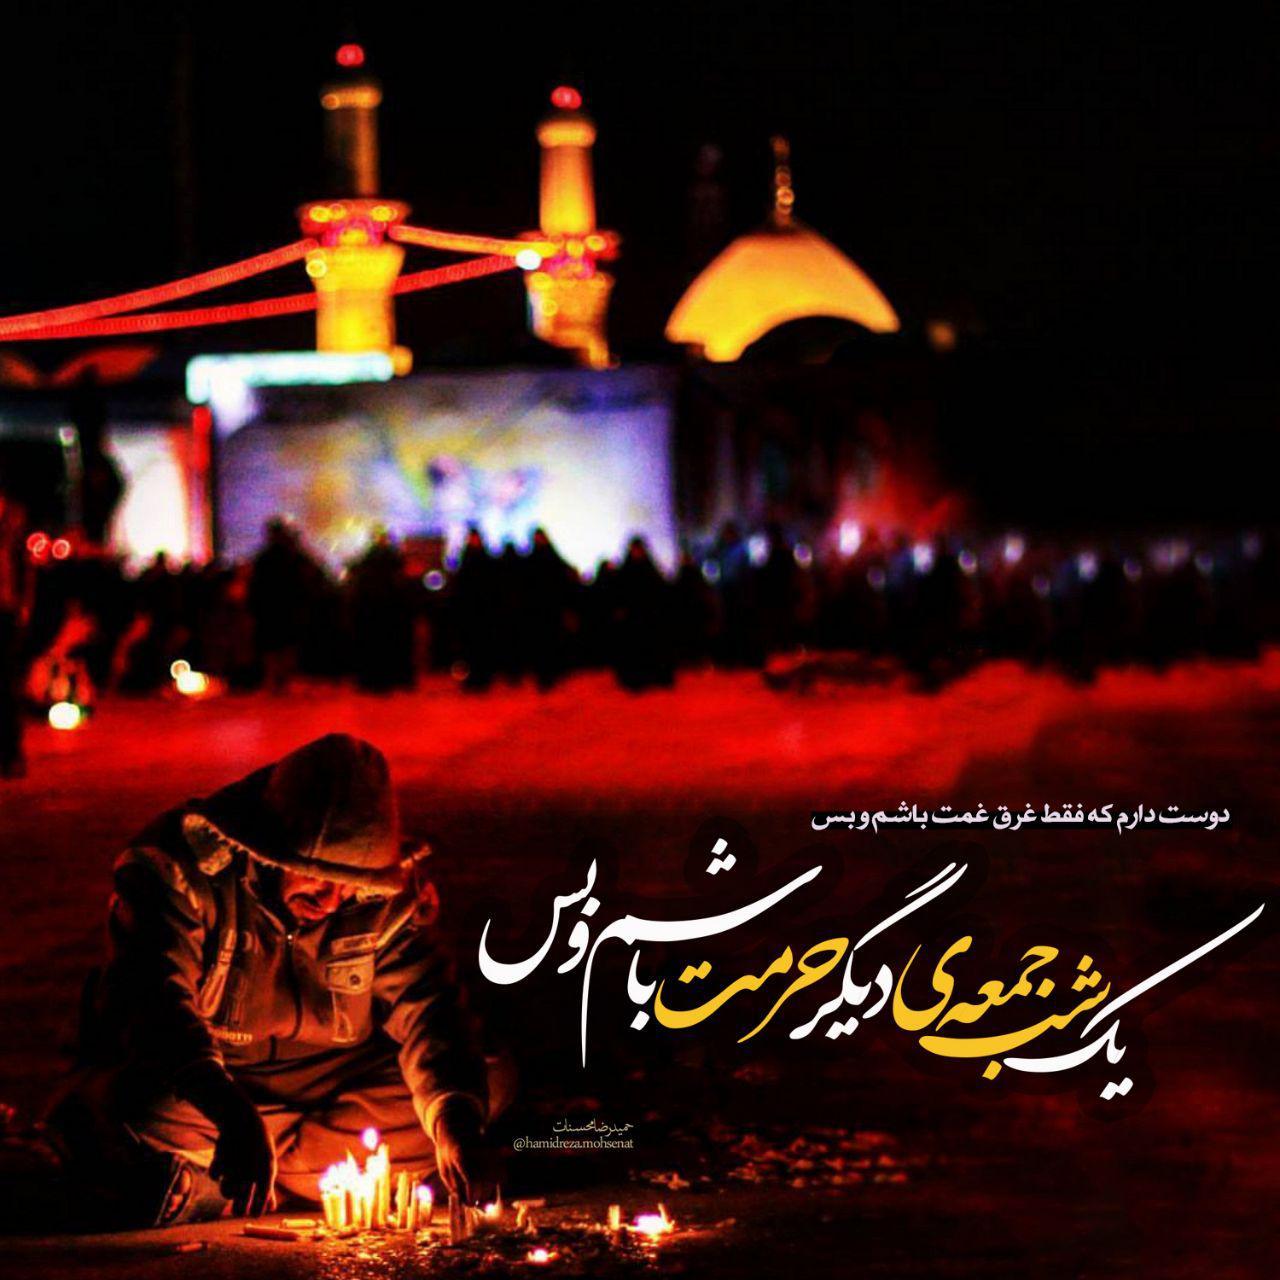 تک بیتی شب جمعه زیارت امام حسین -(دوست دارم که فقط غرق غمت باشم و بس )